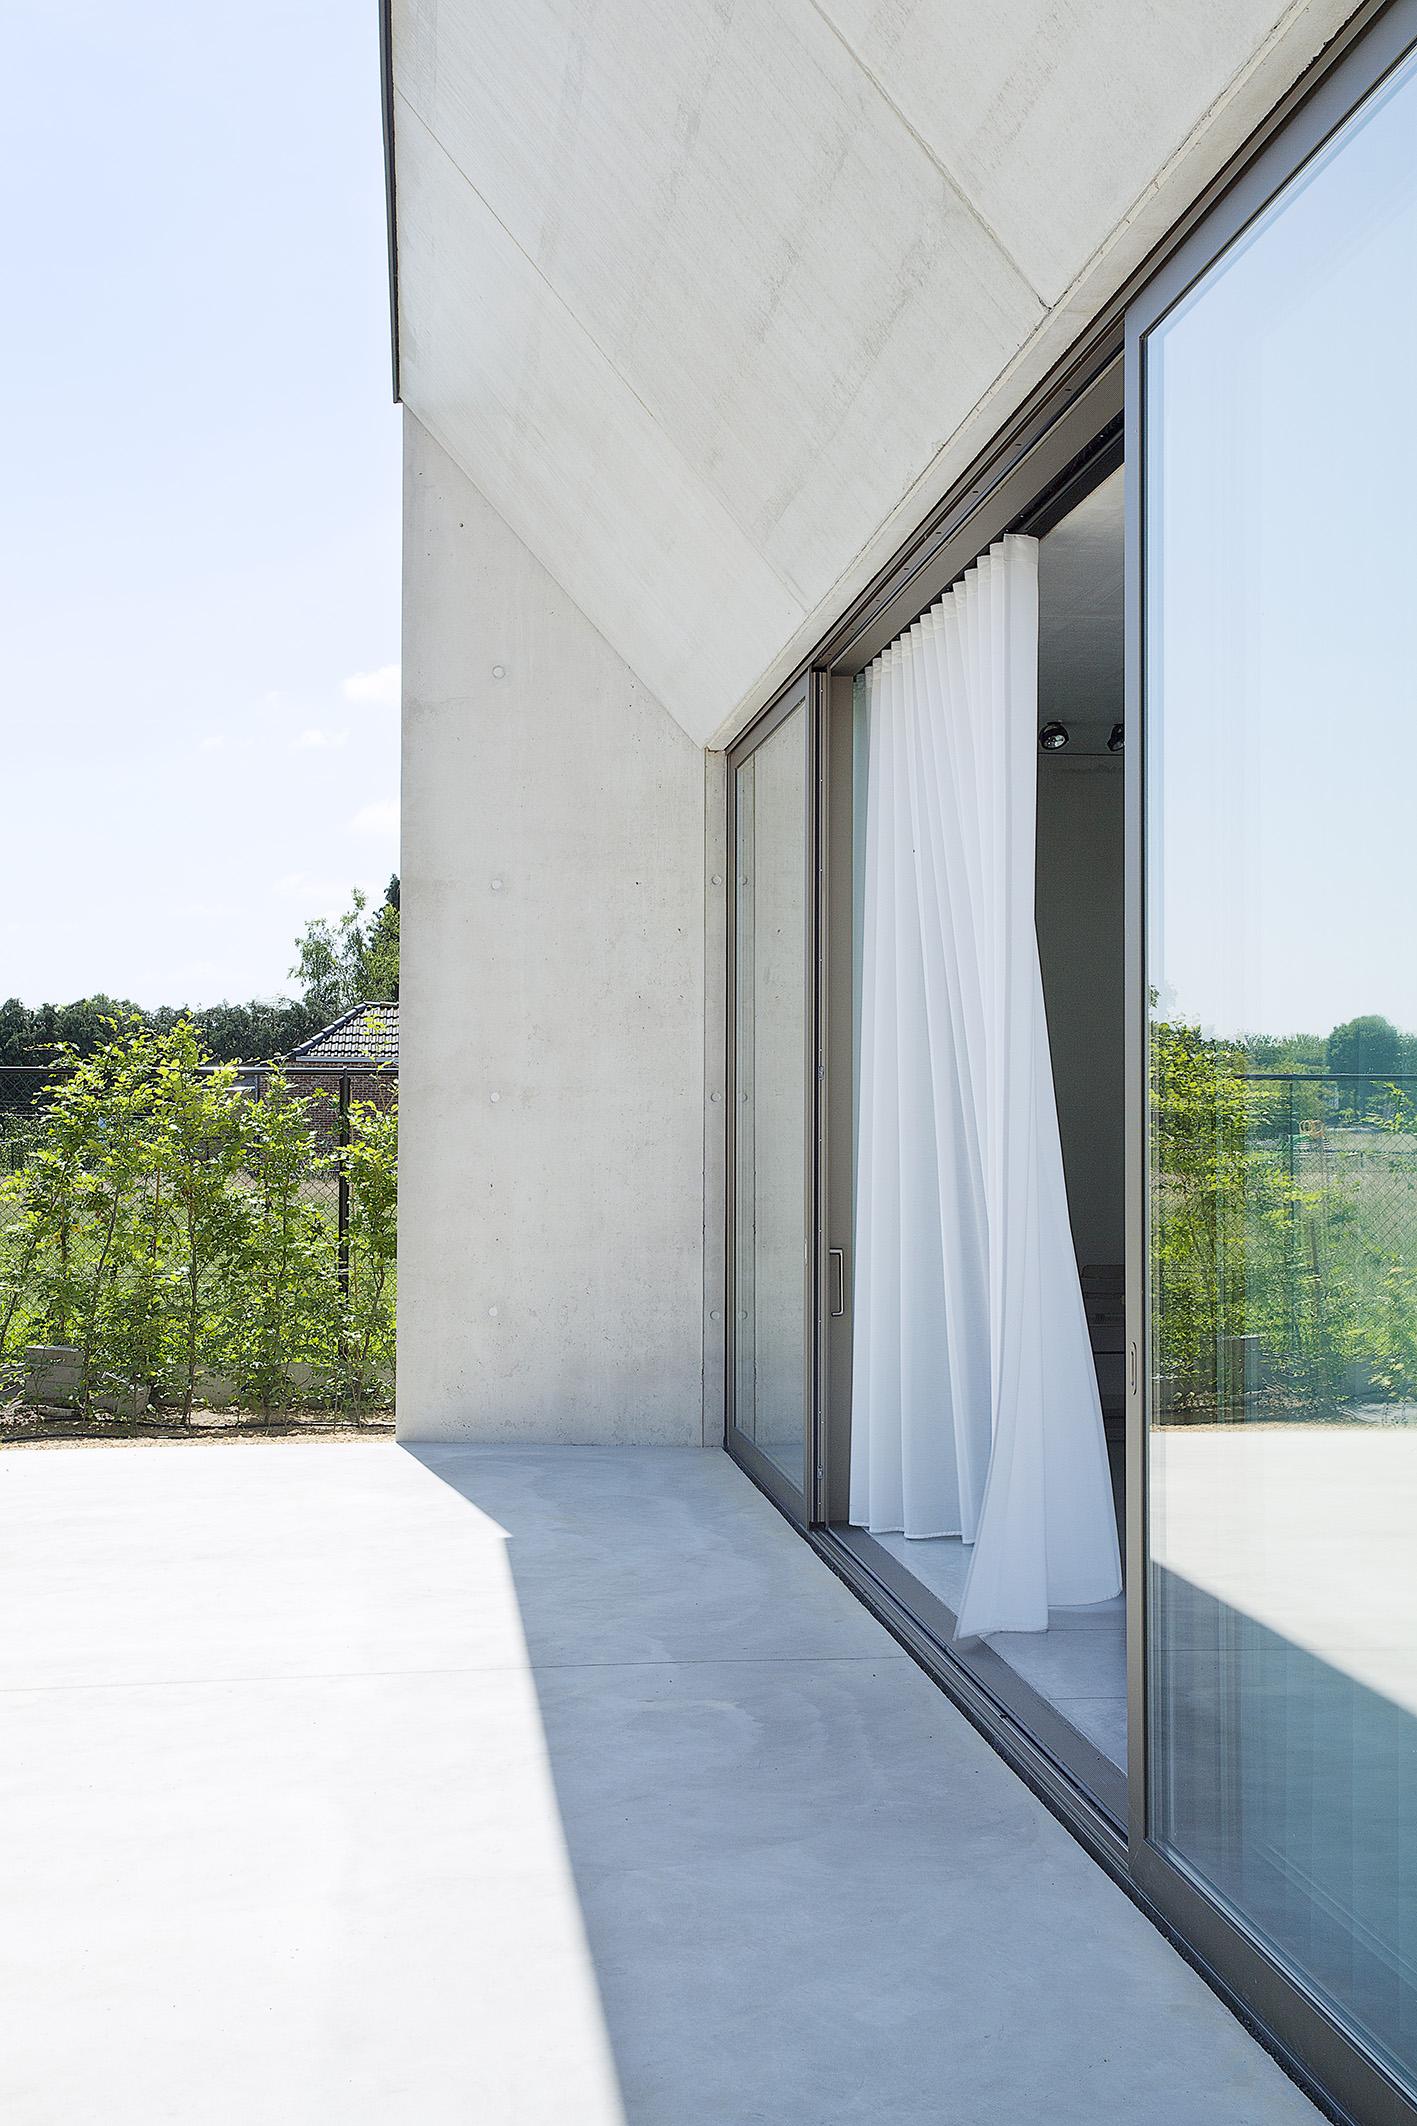 architecte_inge_clauwers_photo_caroline_dethier_ext_07_MAIL.jpg